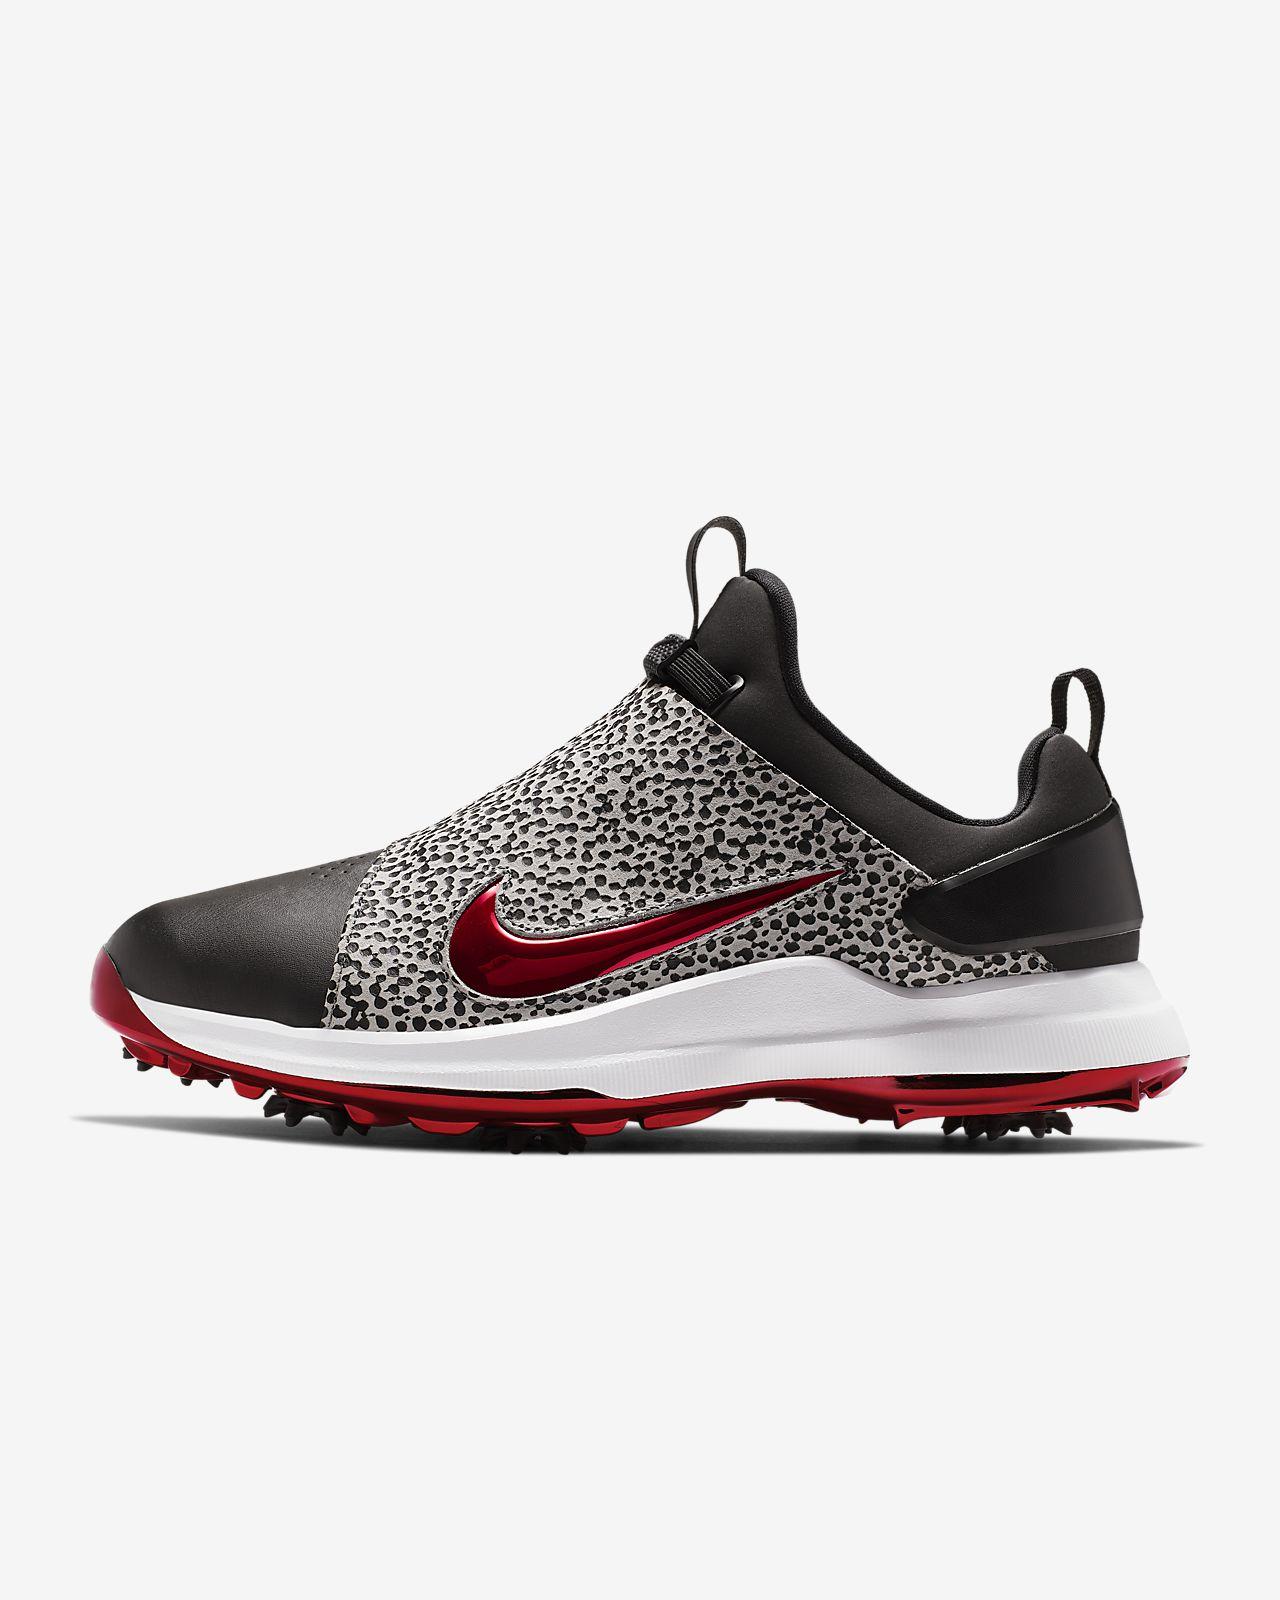 watch 134f5 cdcb5 ... Nike Tour Premiere NRG Men s Golf Shoe